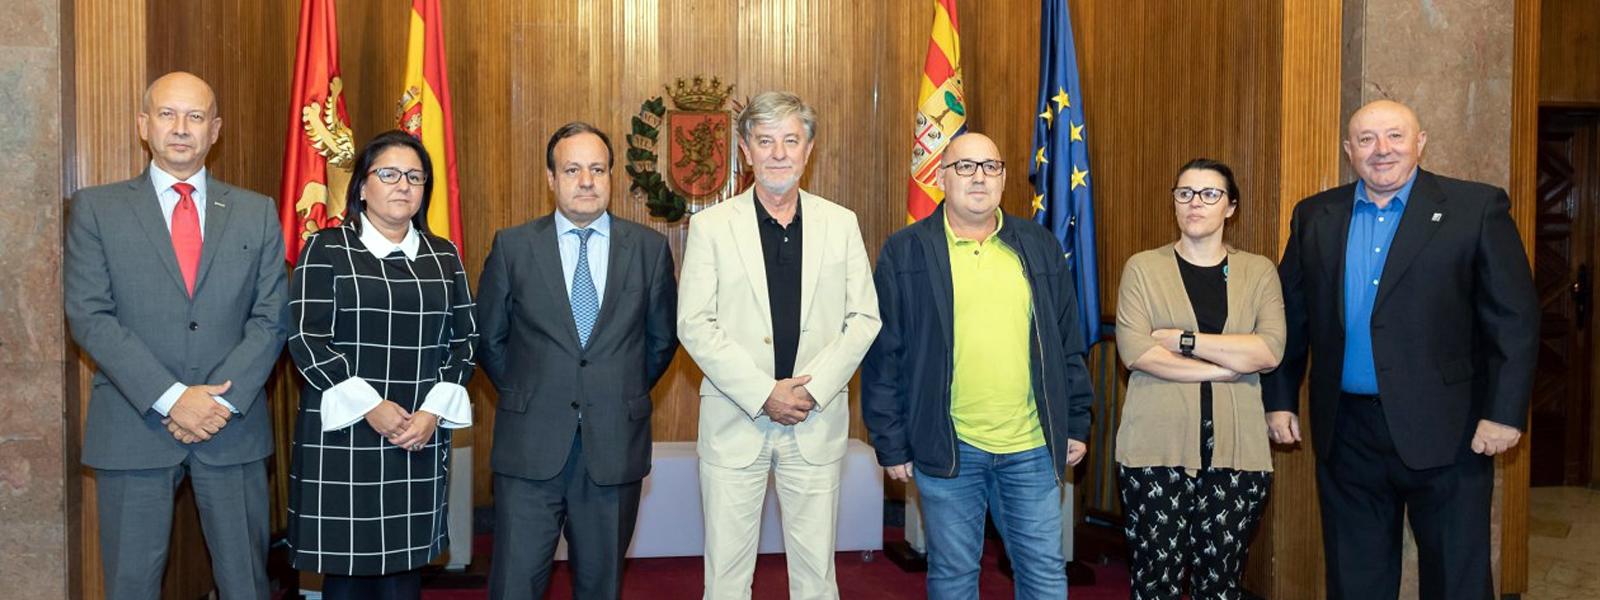 """Firma del manifiesto """"Por la cohesión social: corredor Cantábrico-Mediterráneo, una infraestructura necesaria y justa"""""""